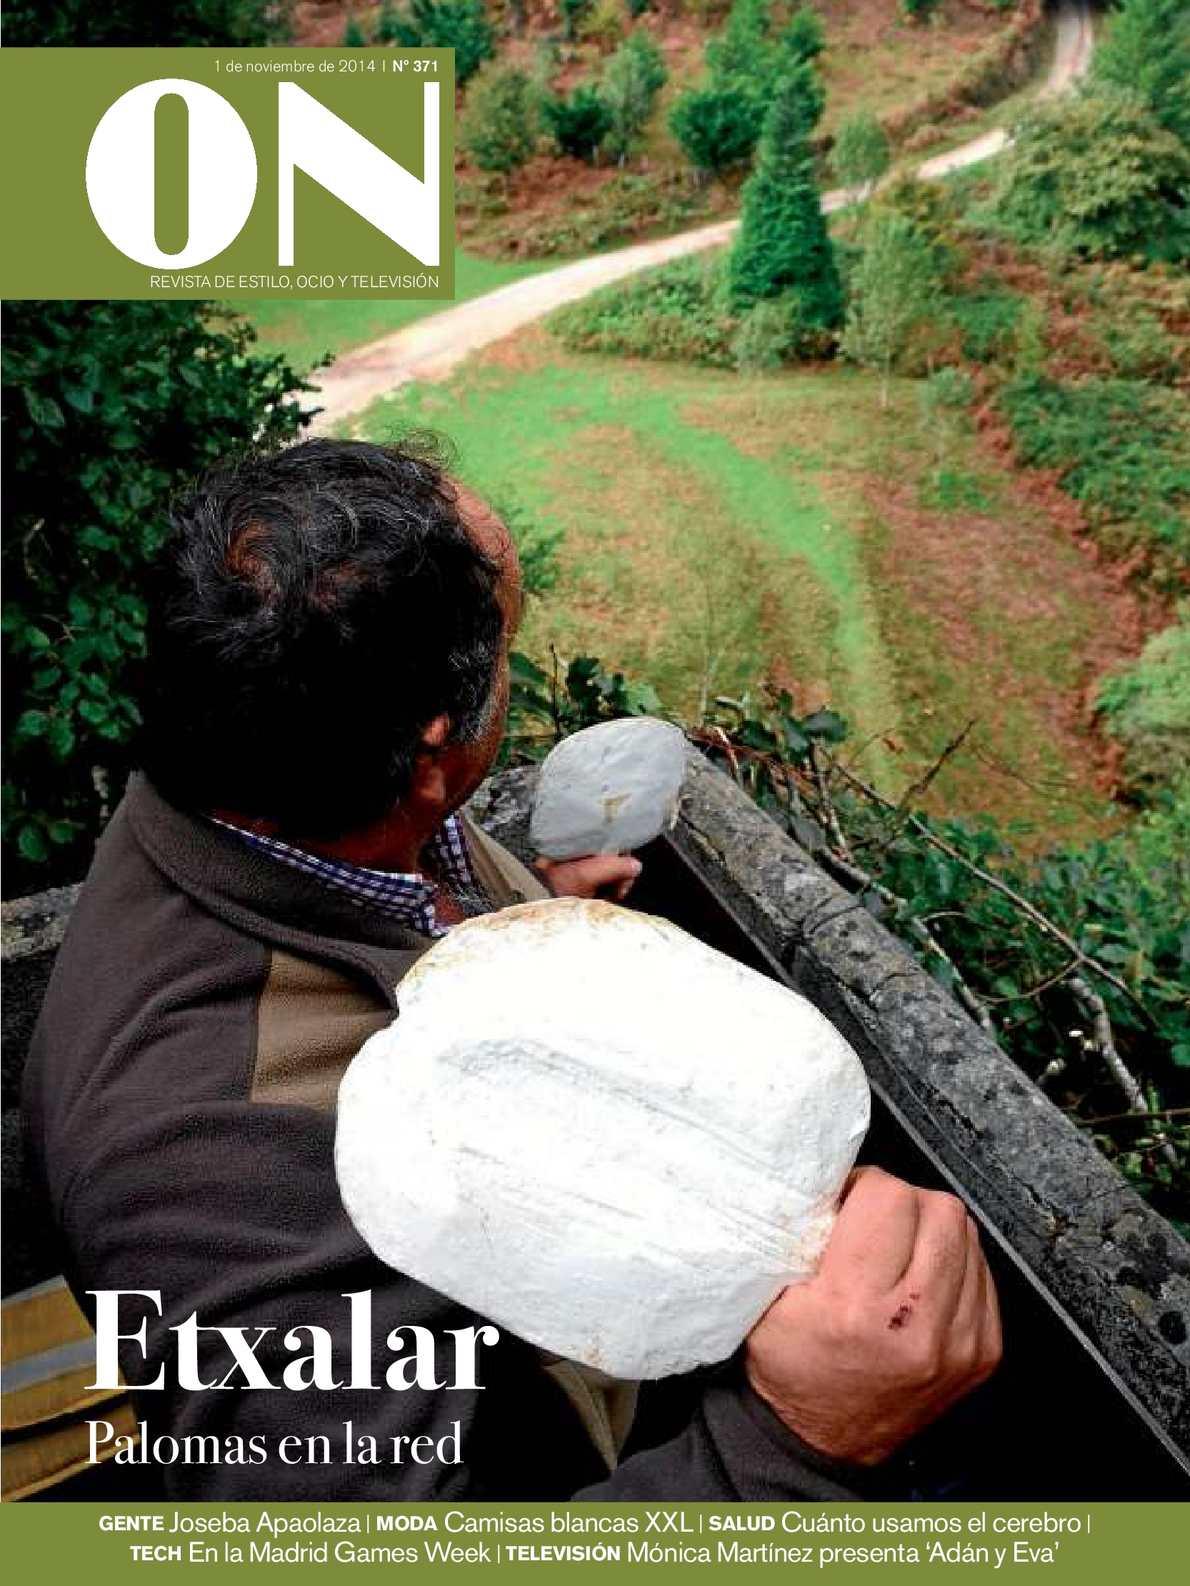 Estilo Calaméo On Revista De 20141101 Ocio Y 2EHbWIeD9Y